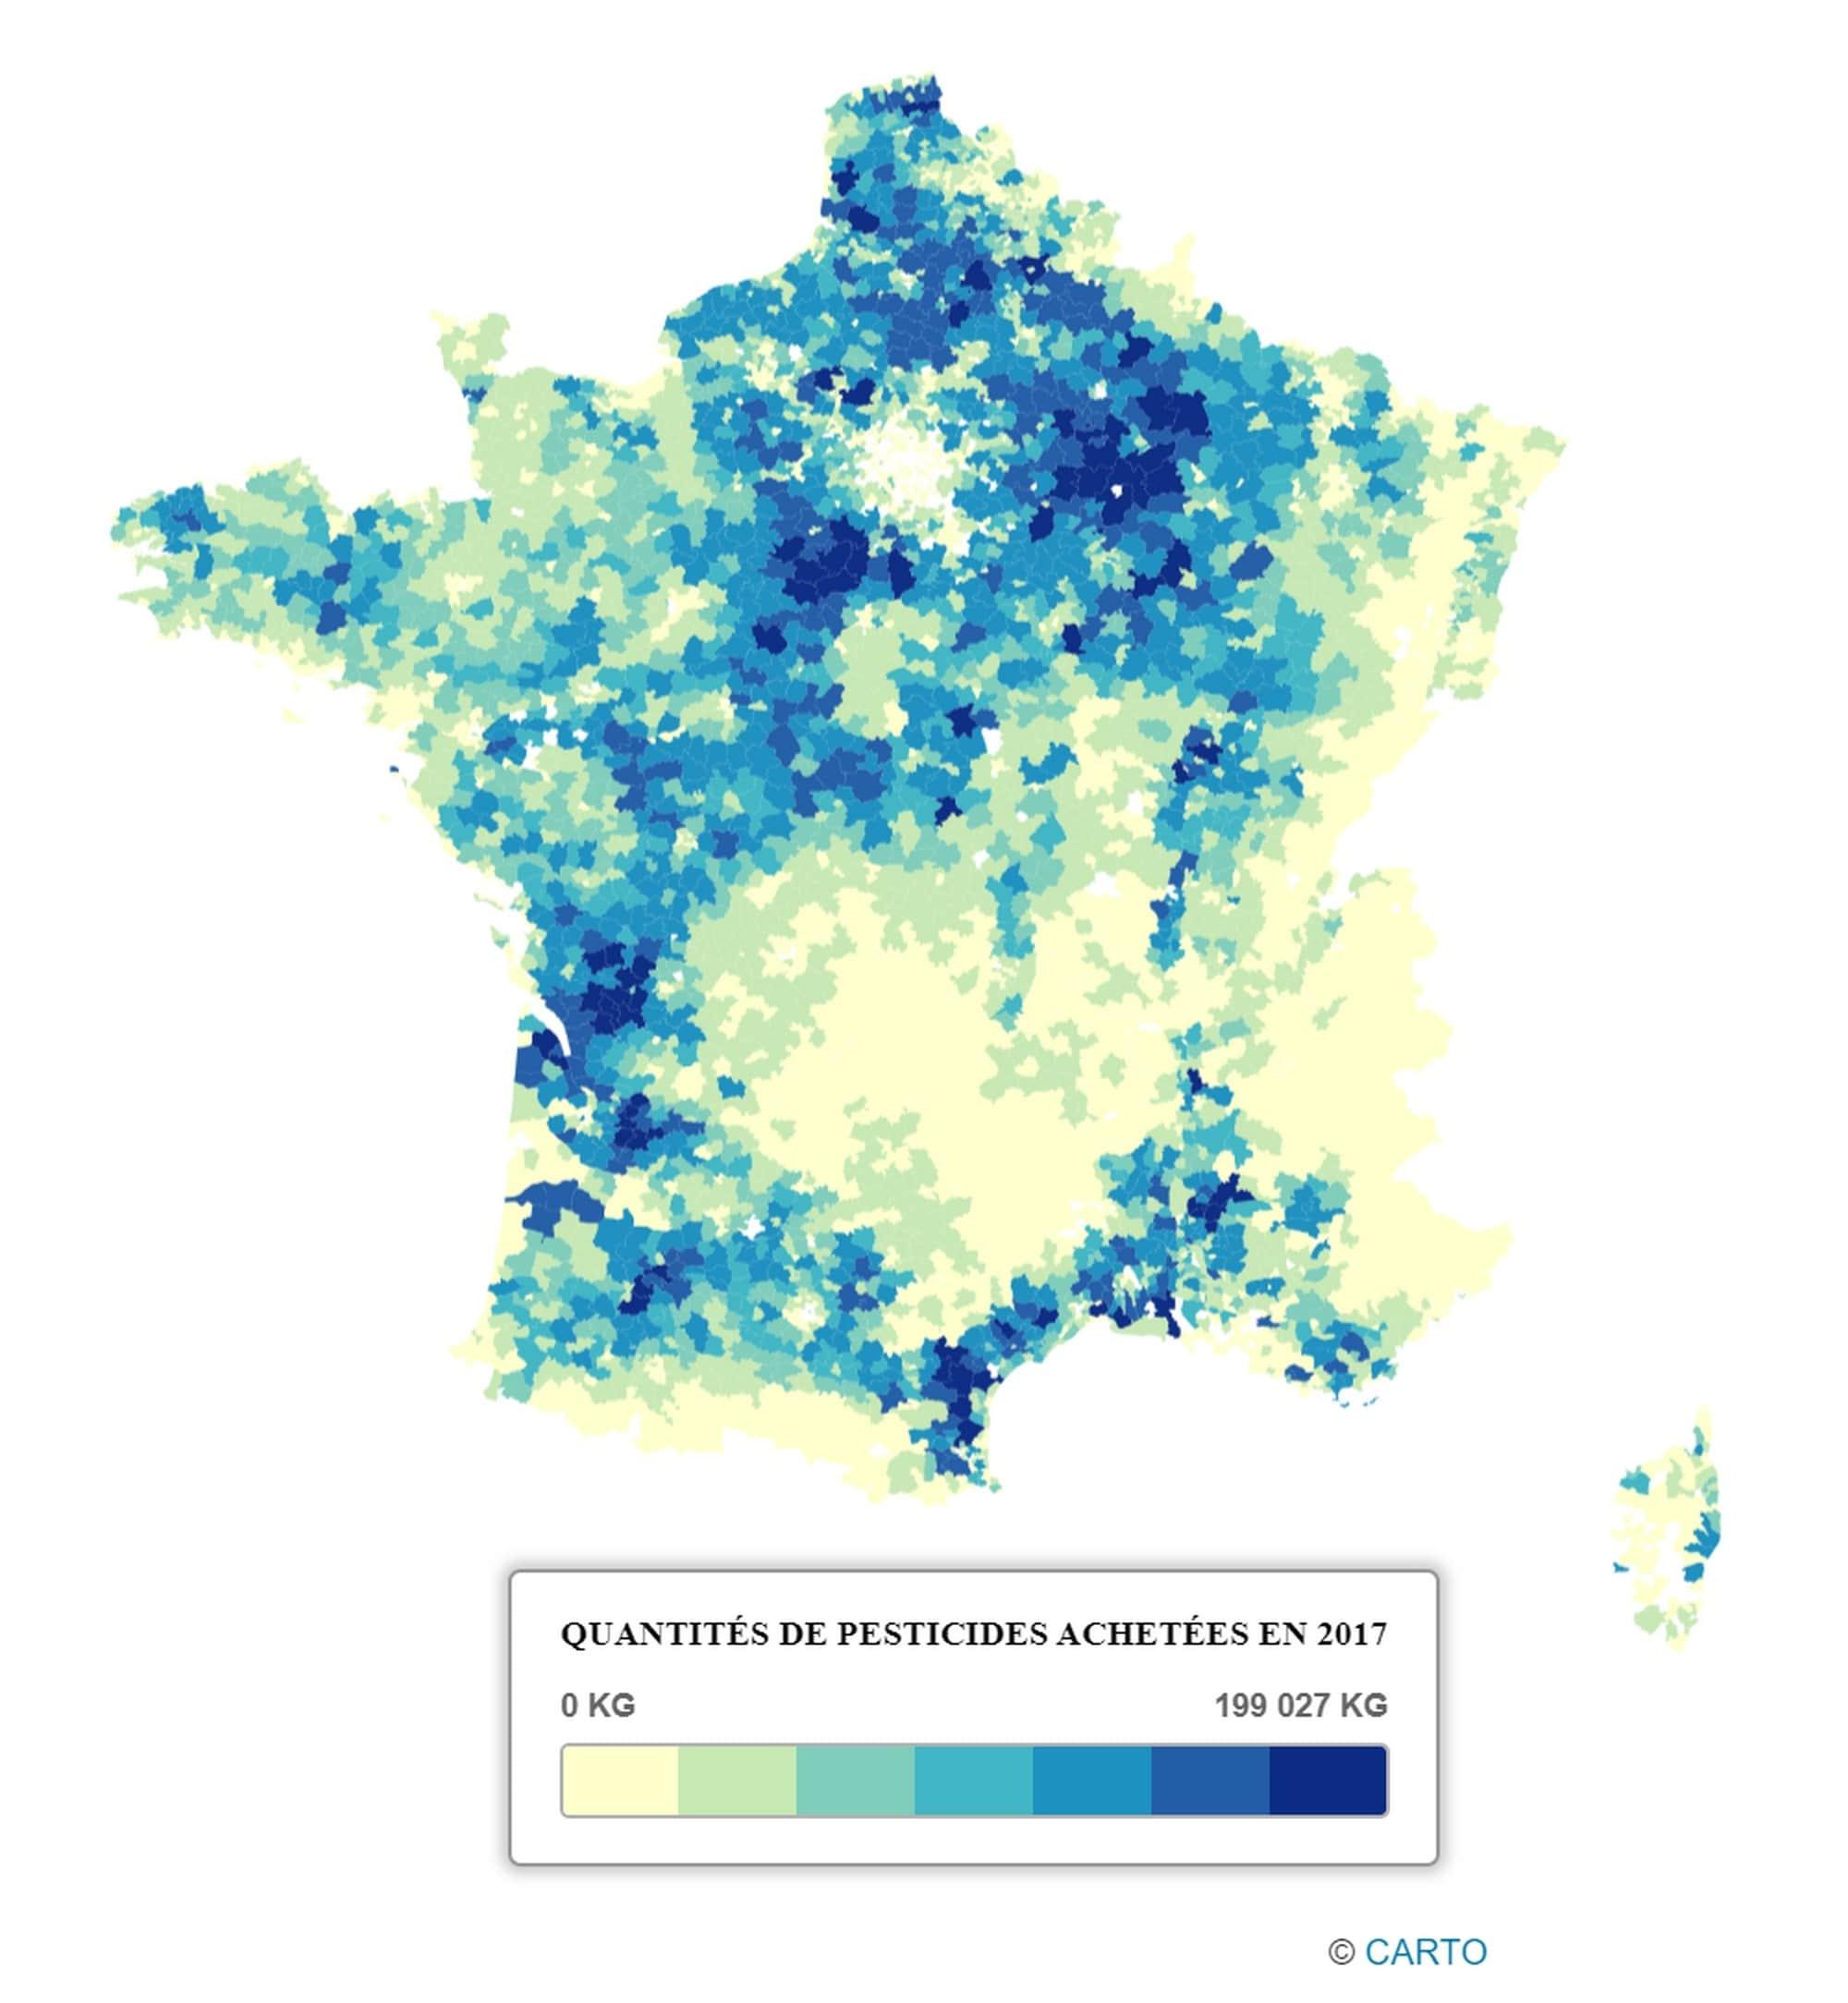 carte de la France avec la quantité de pesticides par commune